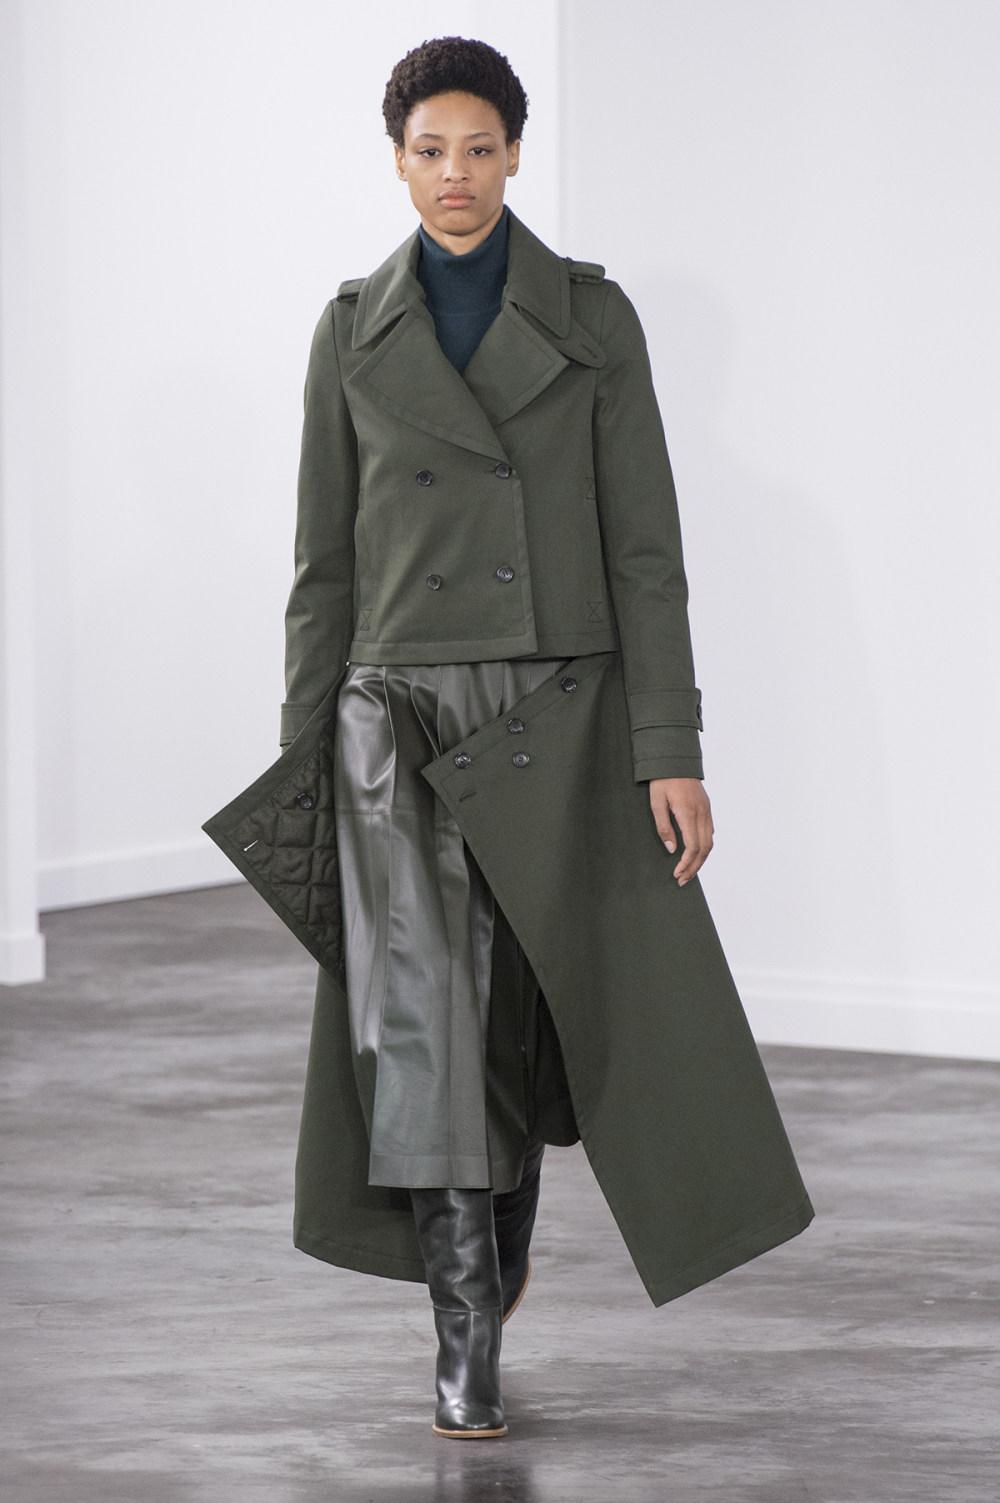 Gabriela Hearst时装系列细条纹西装和宽大毛衣之间形成鲜明对比-4.jpg